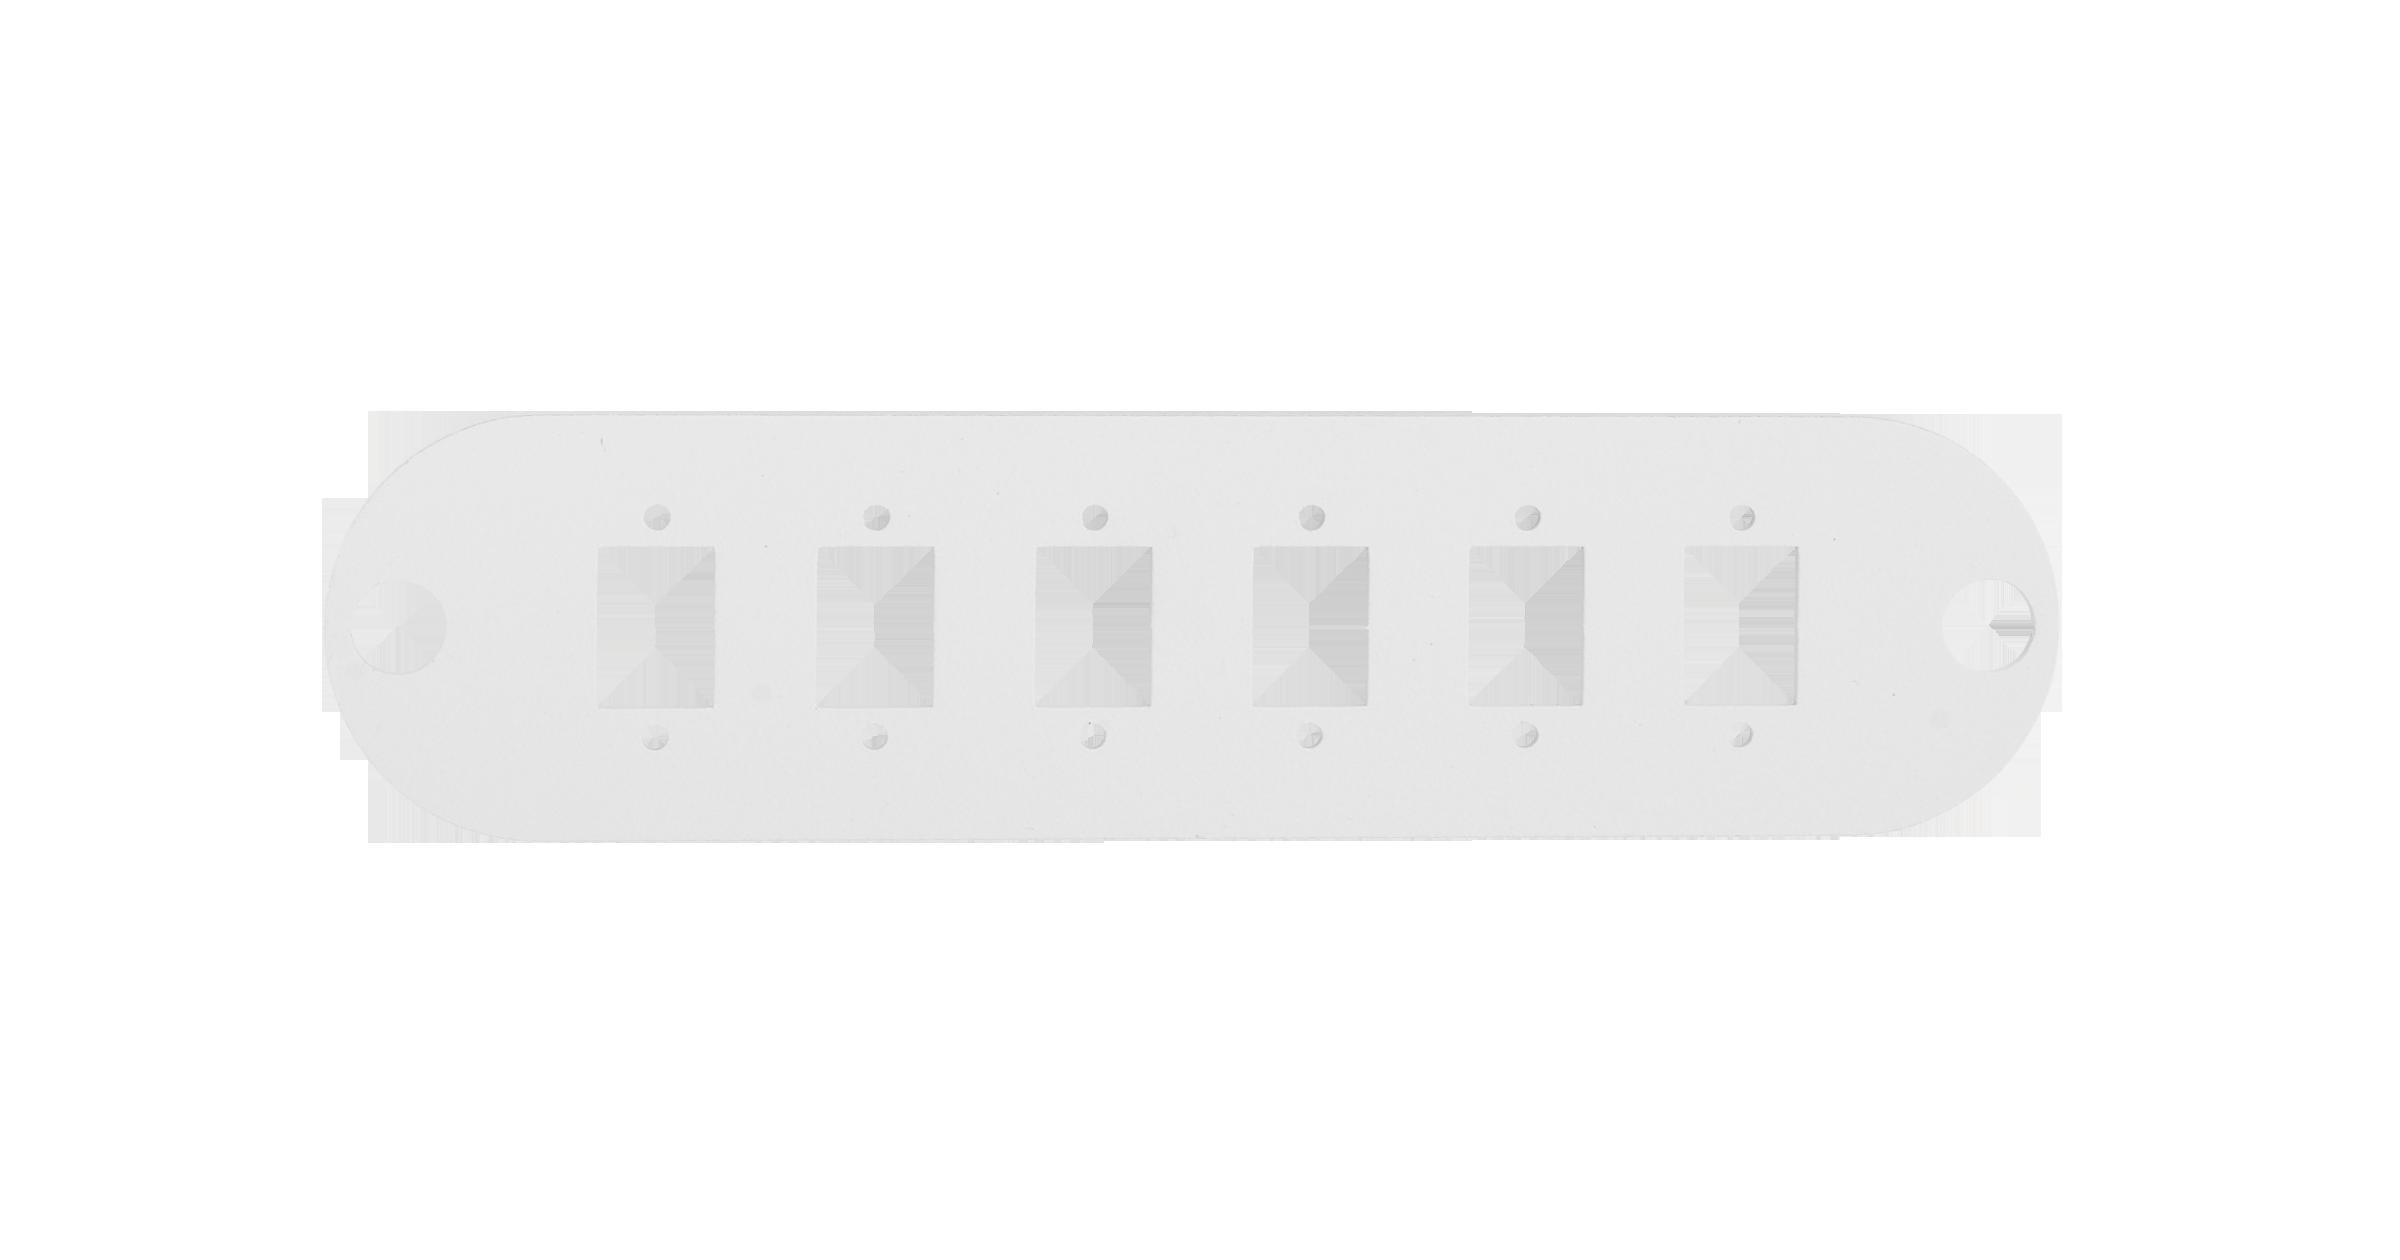 Адаптерная панель NIKOMAX TFI, до 6 одинарных адаптеров SC / двойных адаптеров LC, стальная, серая